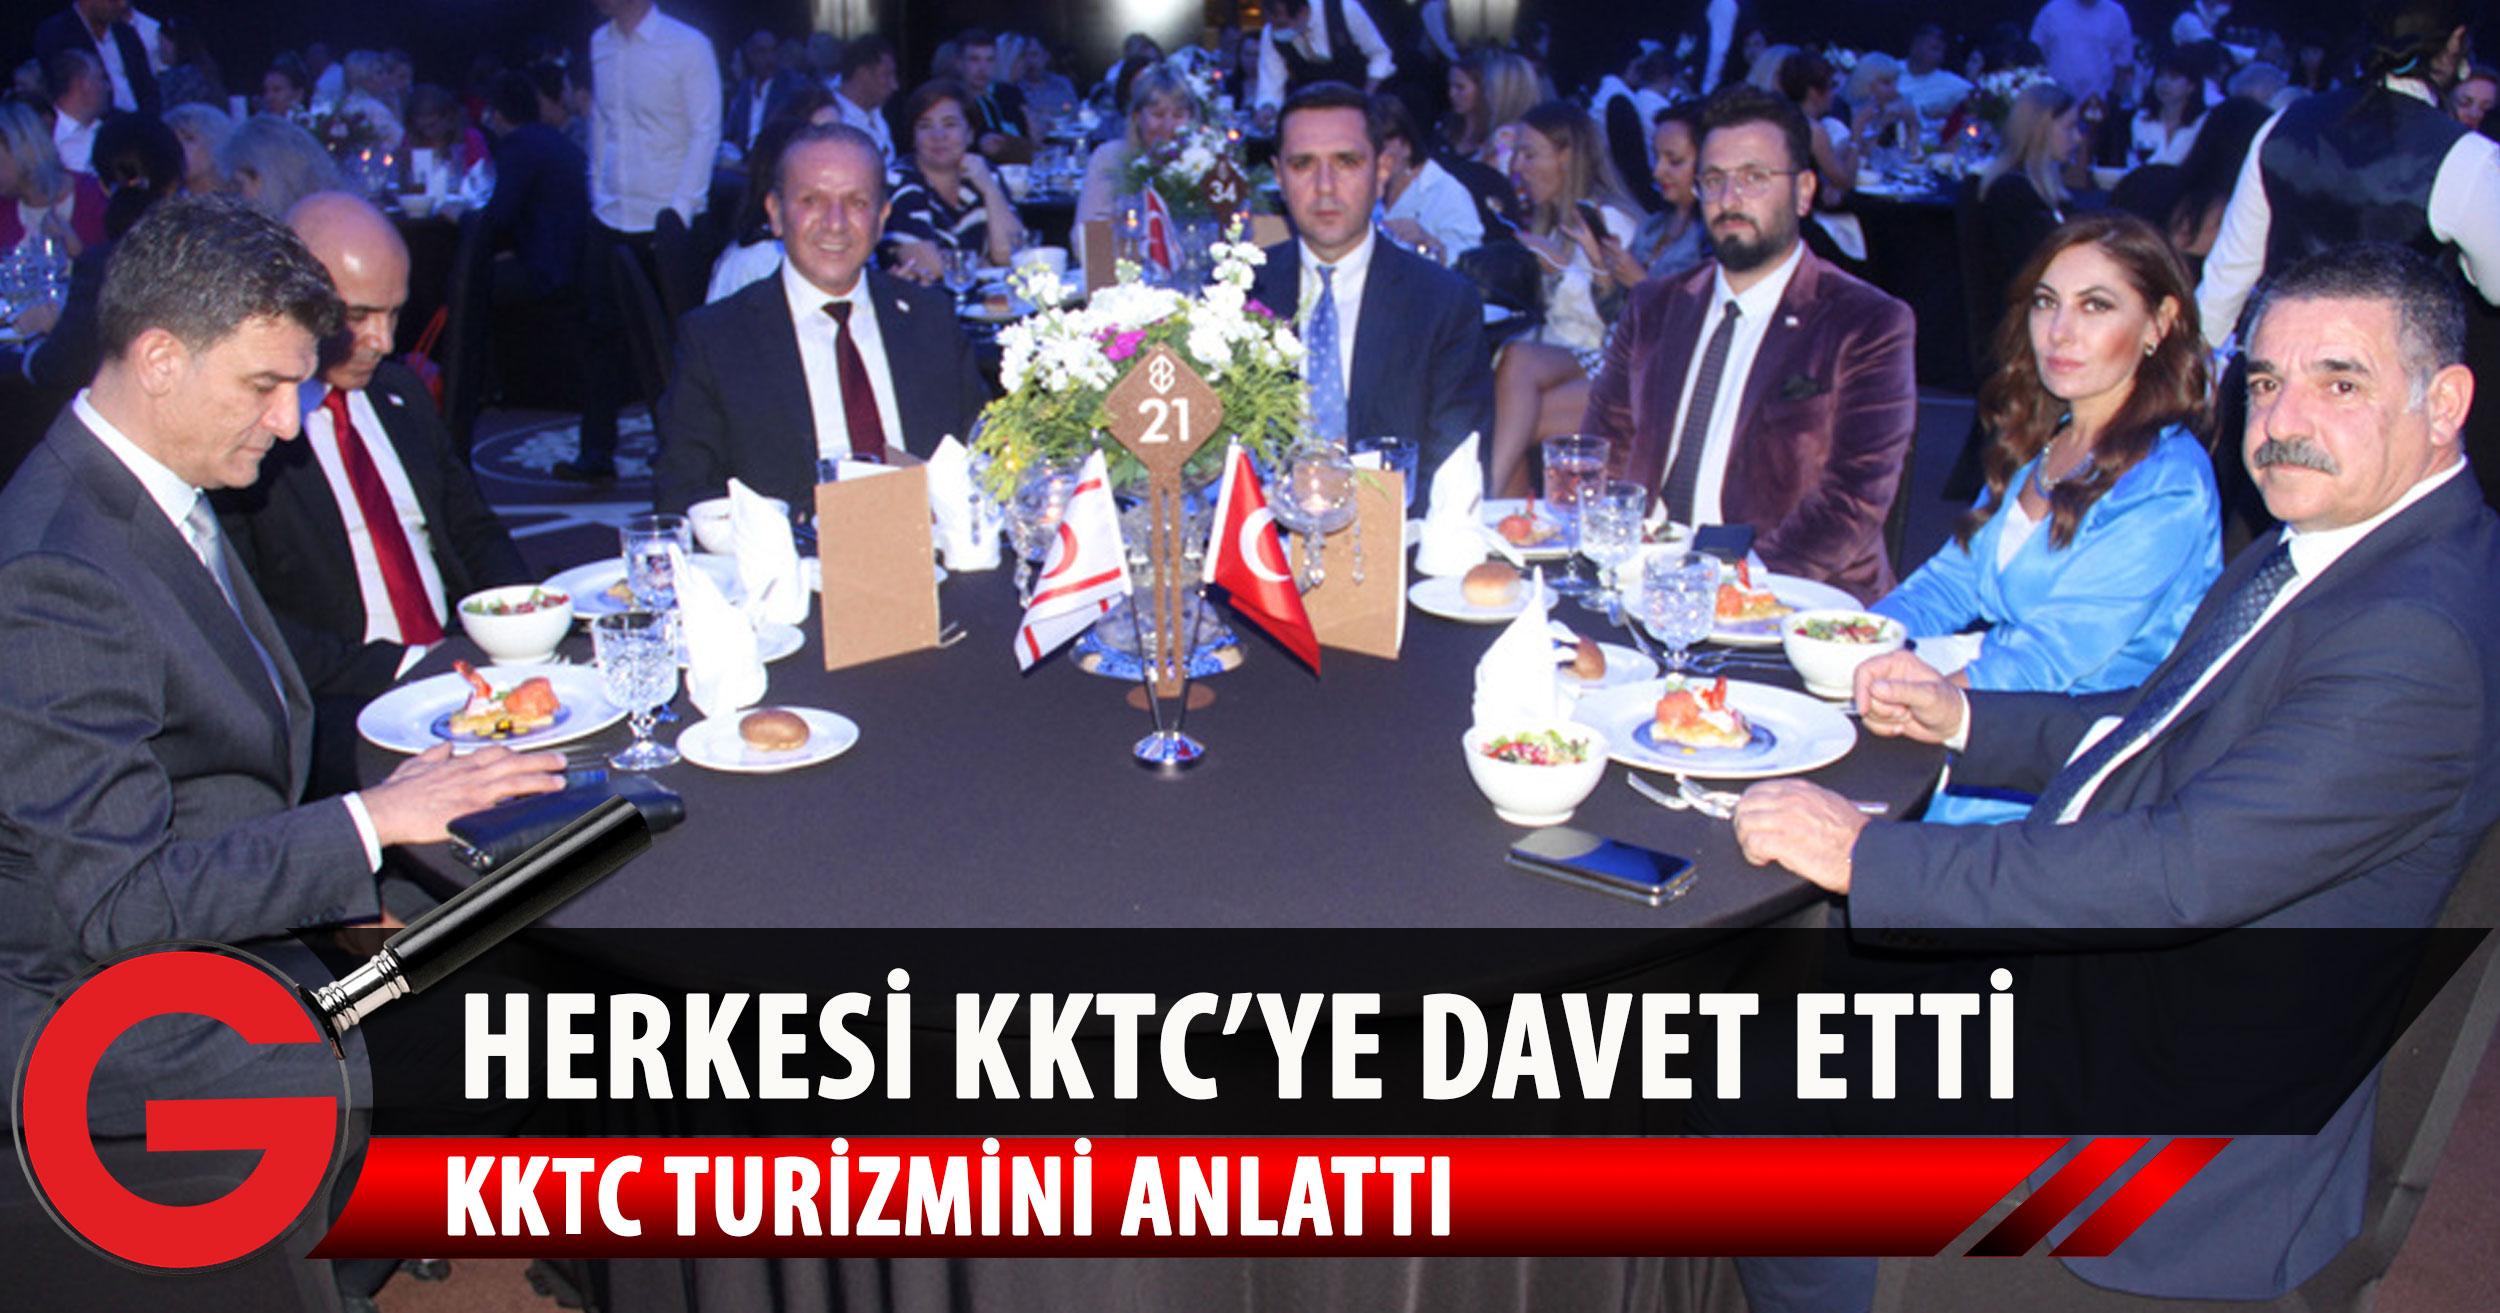 Ataoğlu: Antalya Turizm Fuarı etkinlikleri çerçevesinde gerçekleştirilen fuarın gala yemeğinde konuştu